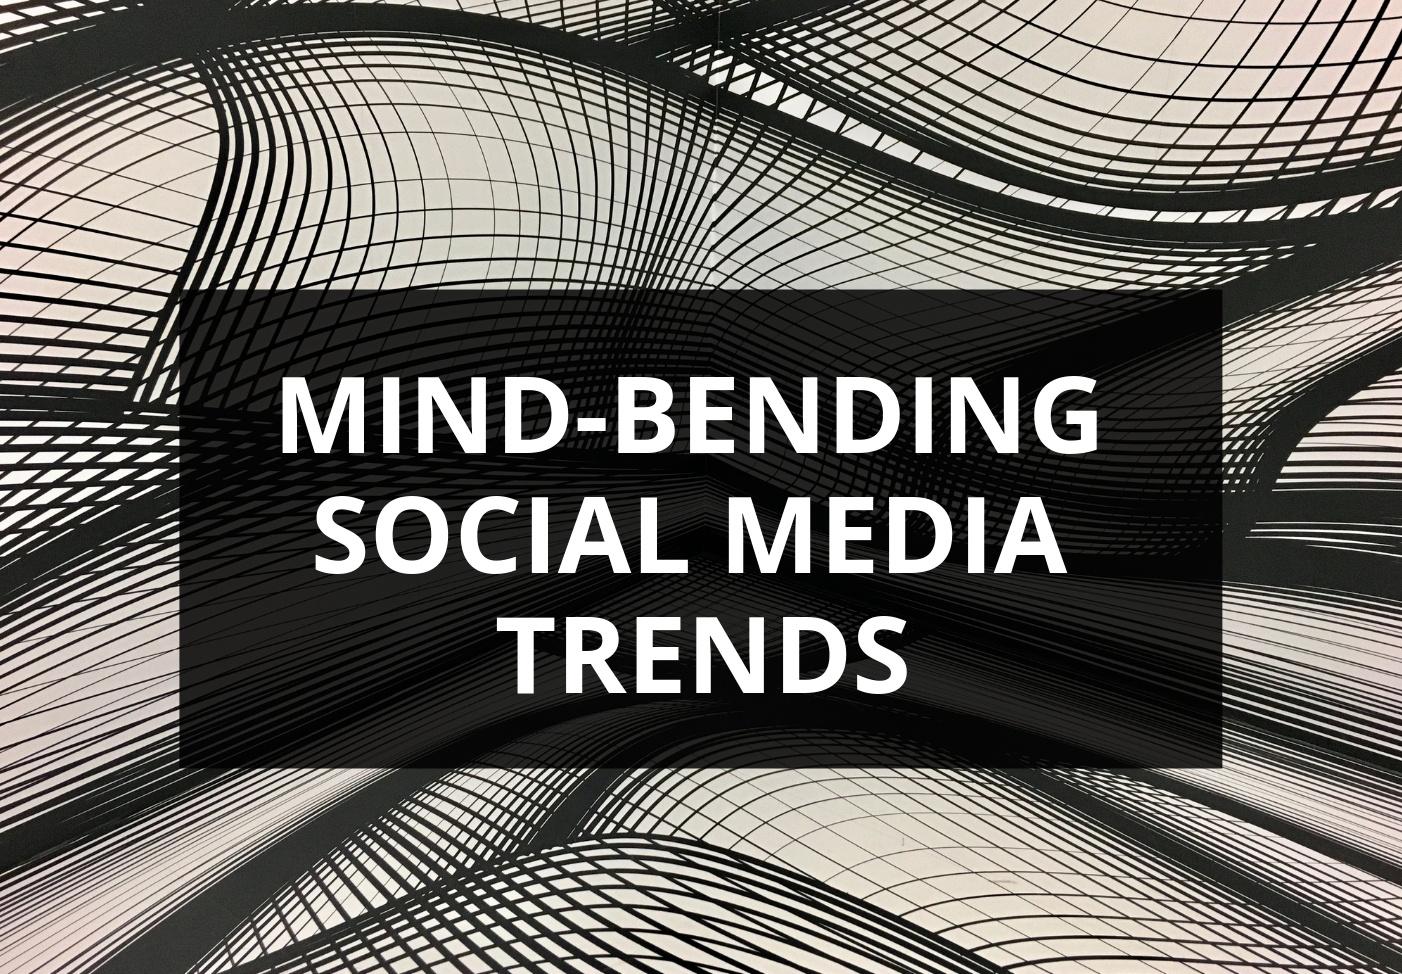 Mind-bending social media trends